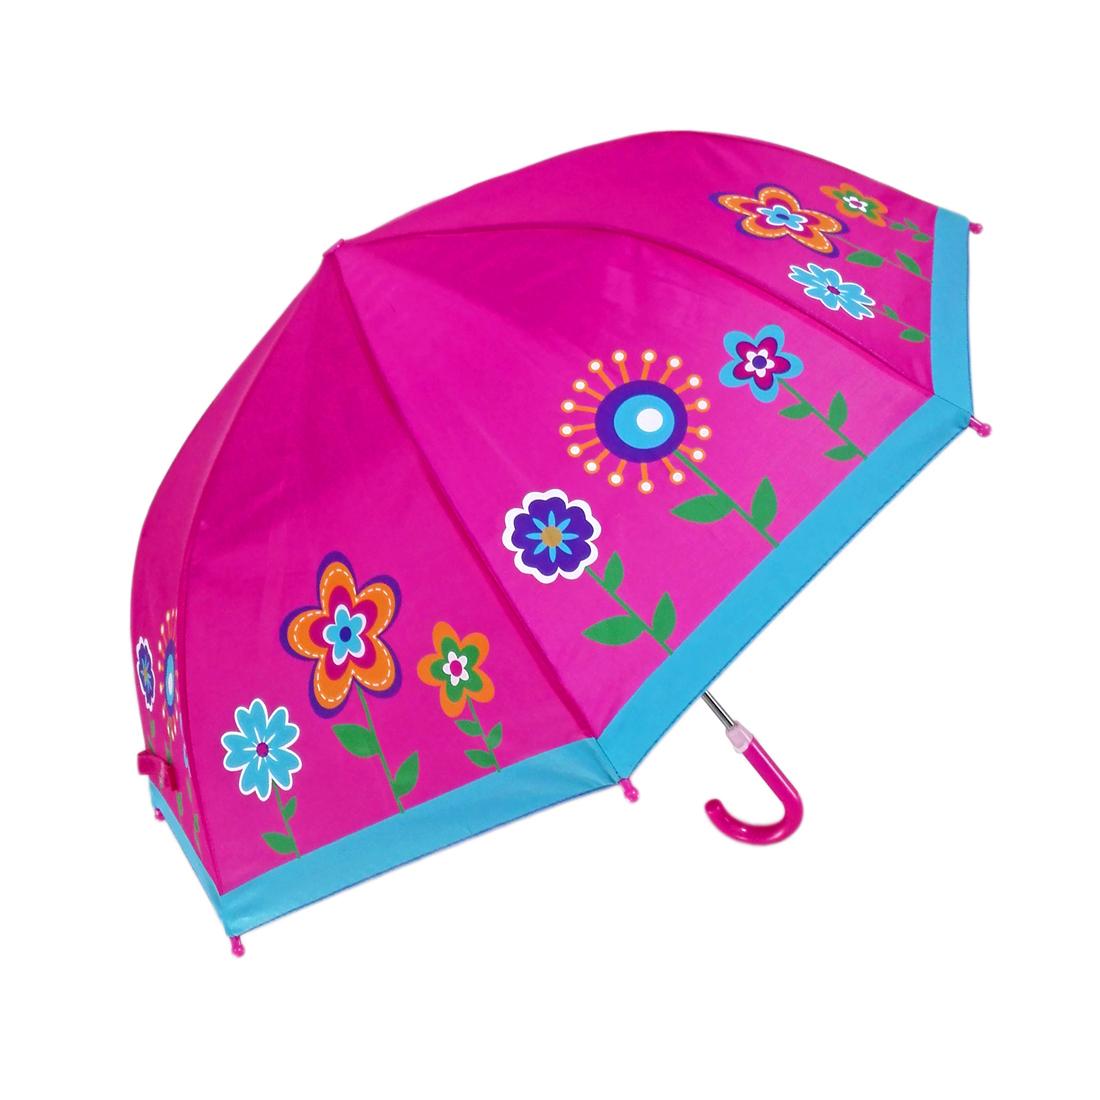 все цены на Зонт Mary Poppins Цветы 41 см, 1шт. онлайн